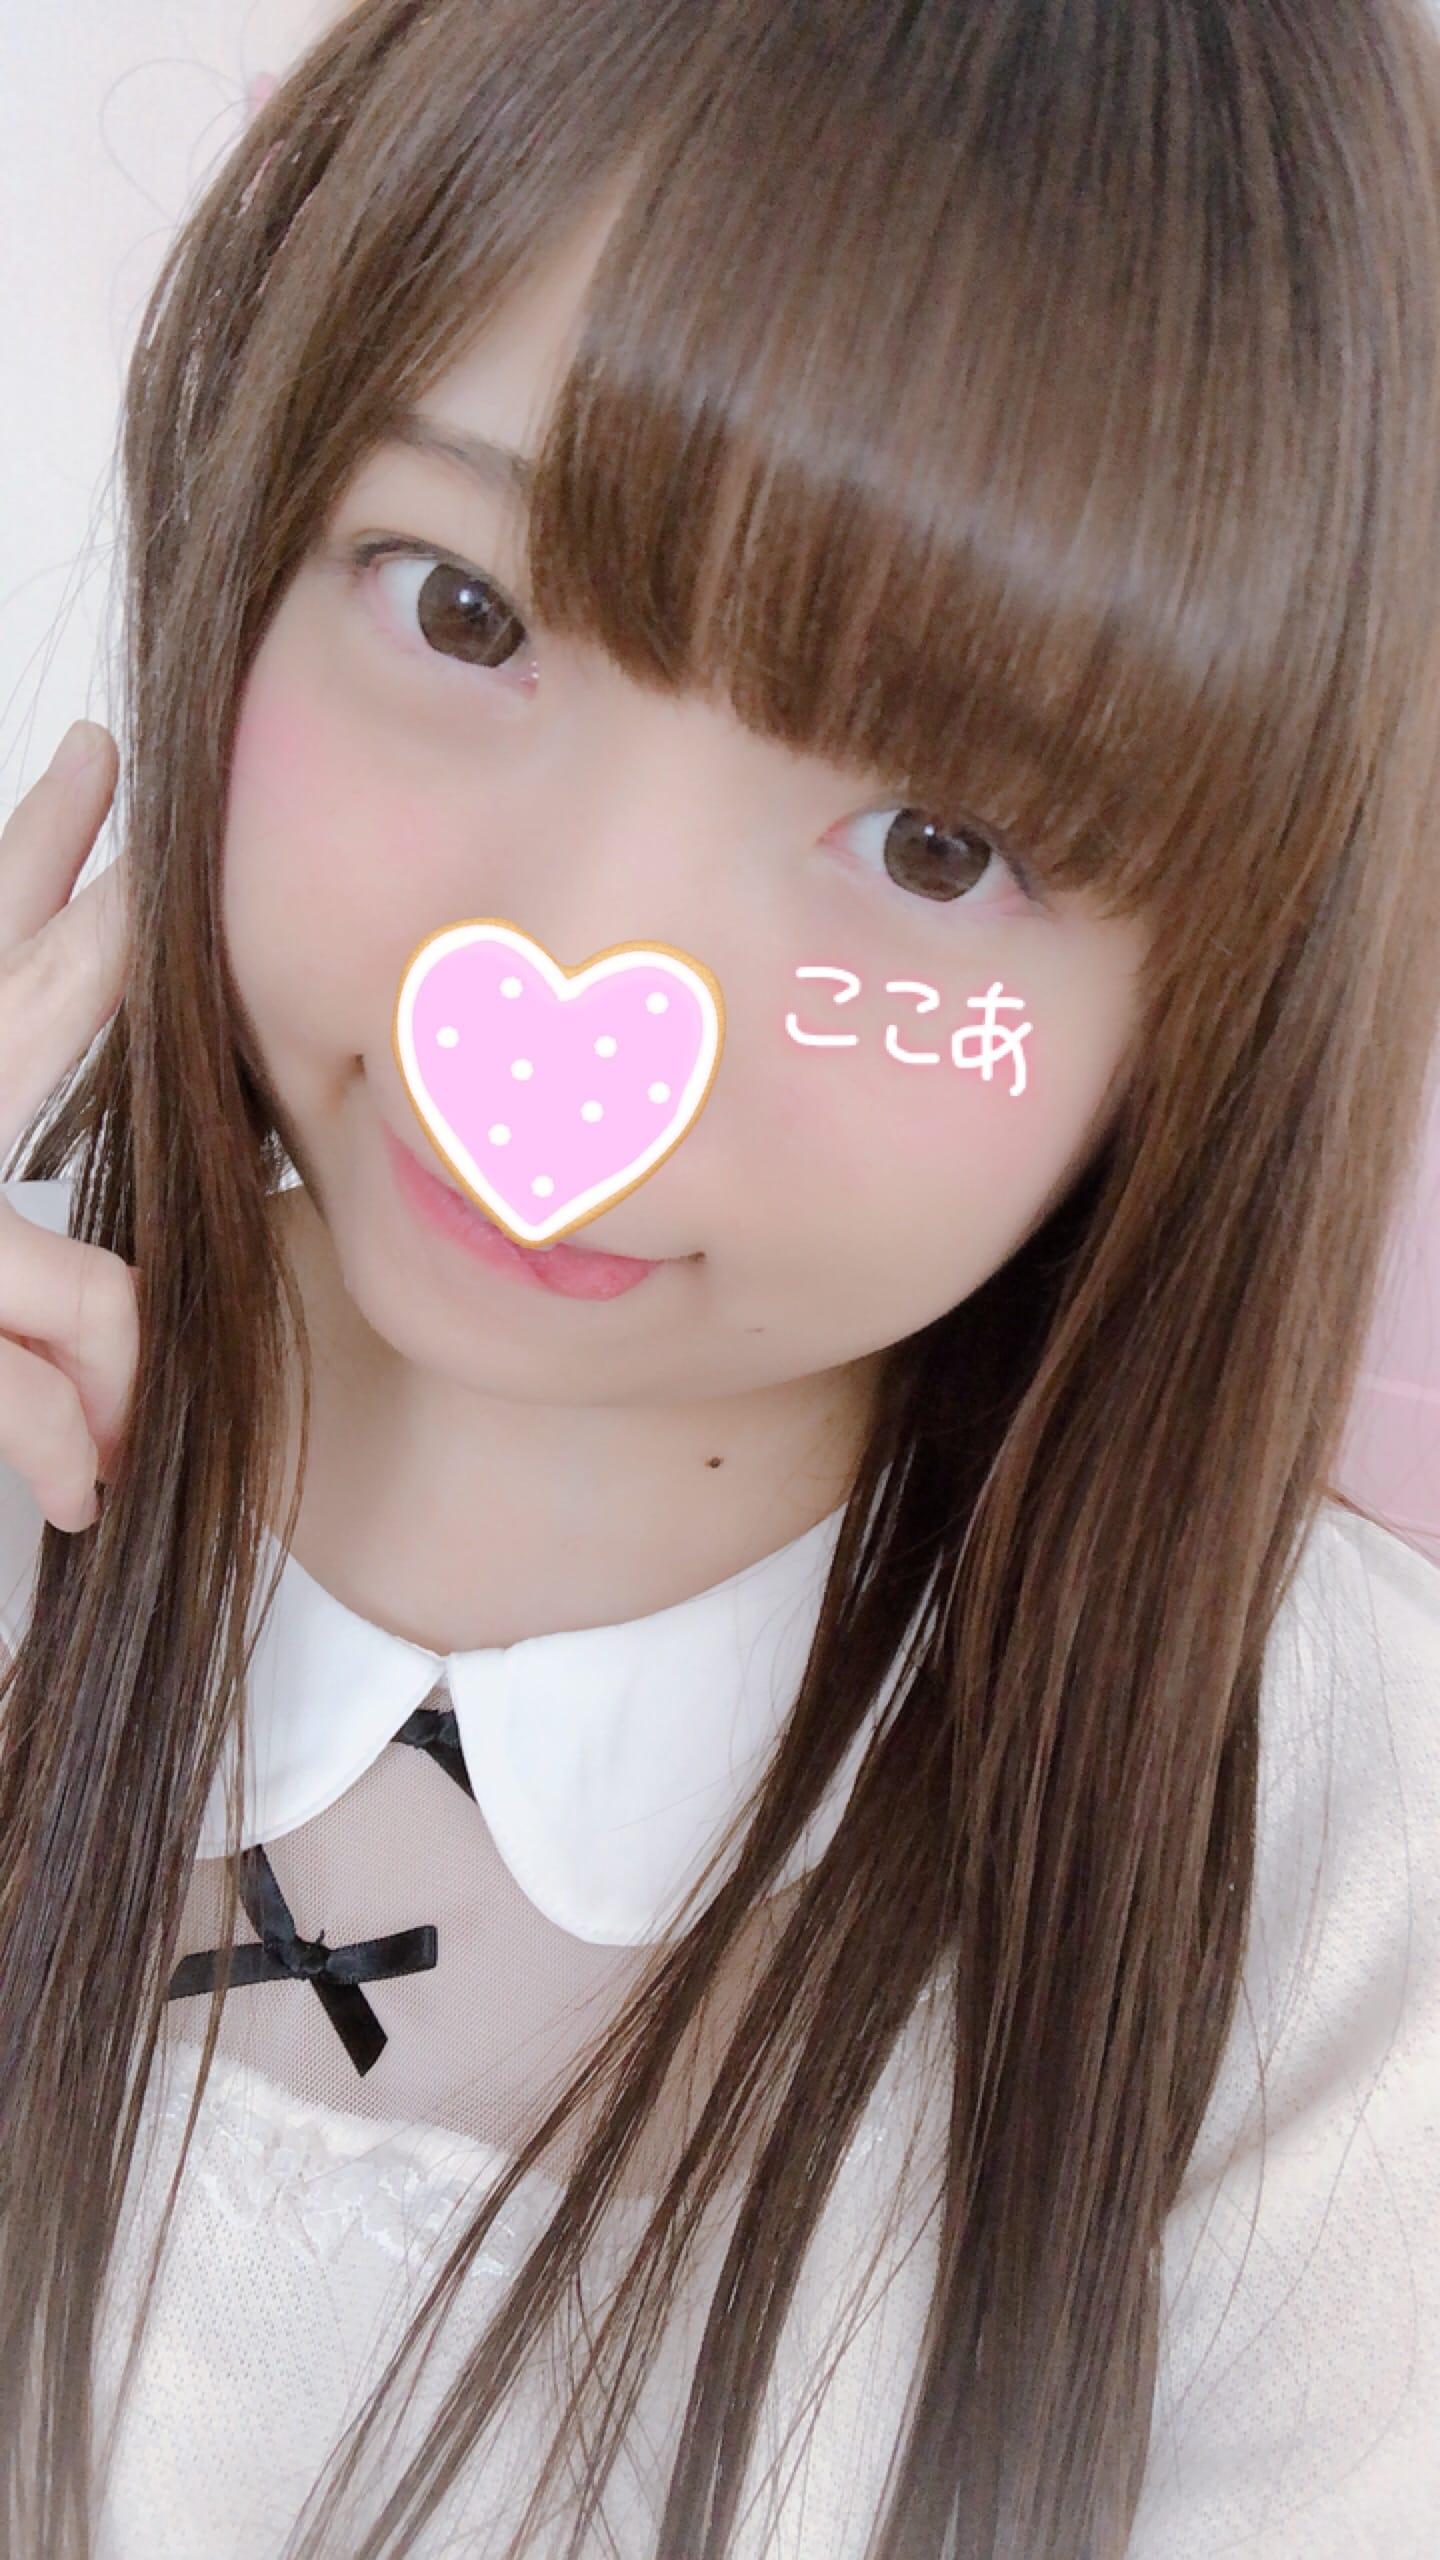 「ありがとう♡」03/18(日) 23:52 | ここあの写メ・風俗動画